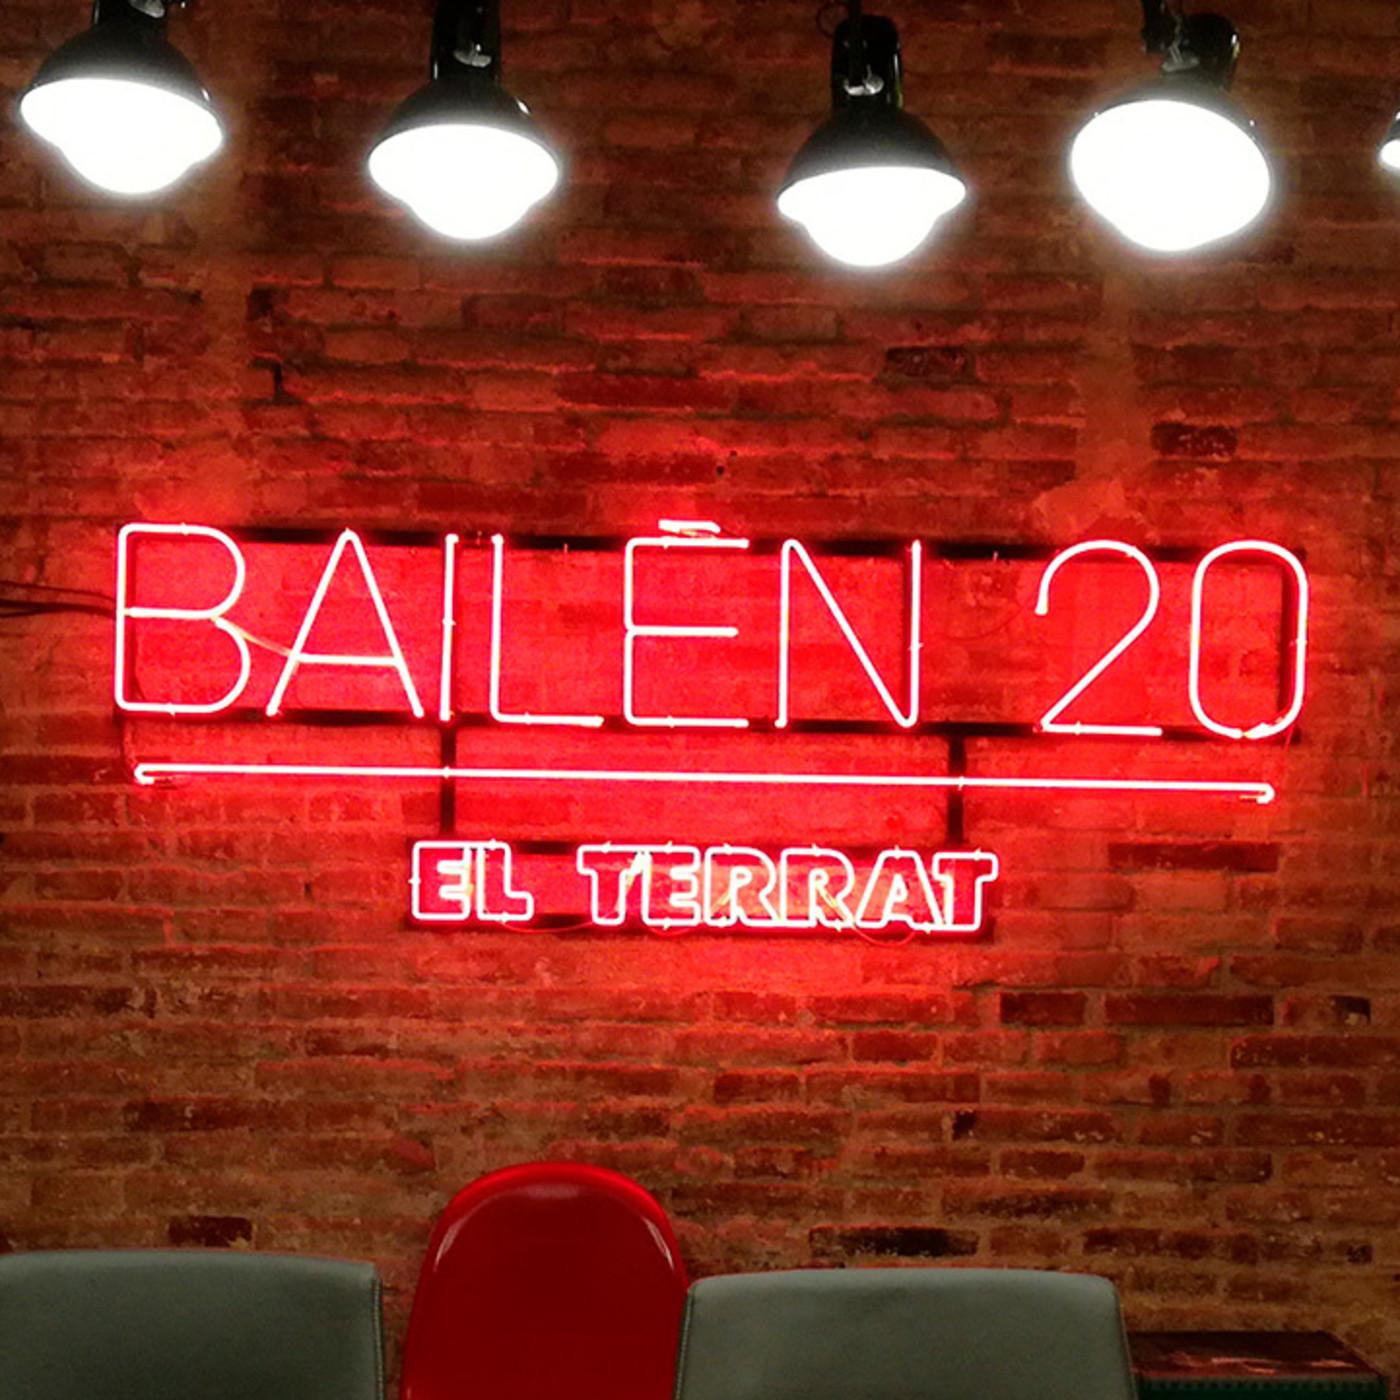 BAILÉN 20